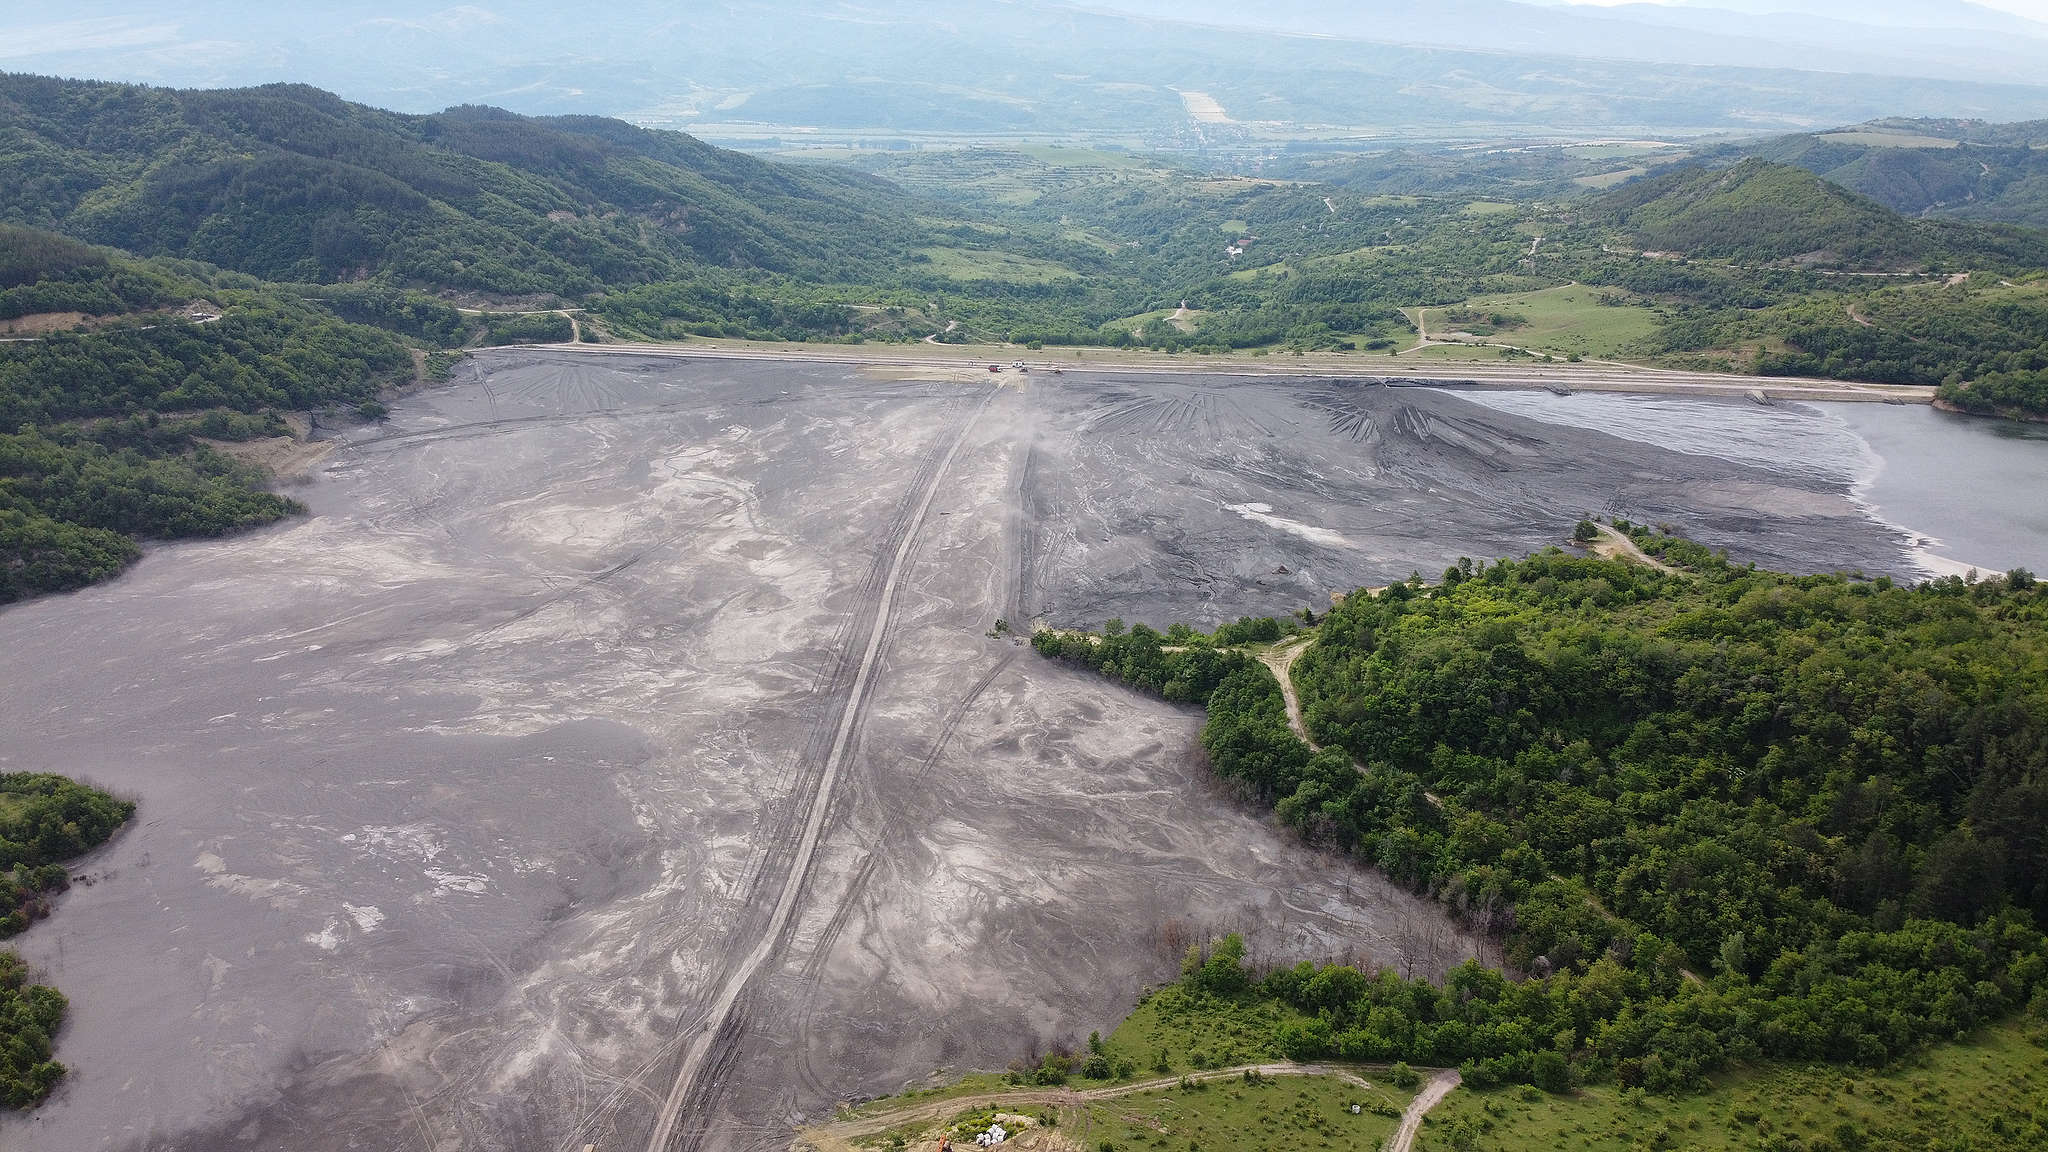 """""""Каменик"""" – депо за съхранение на отпадъците от дейността на ТЕЦ """"Бобов дол"""", въздушна снимка, август 2020 г."""